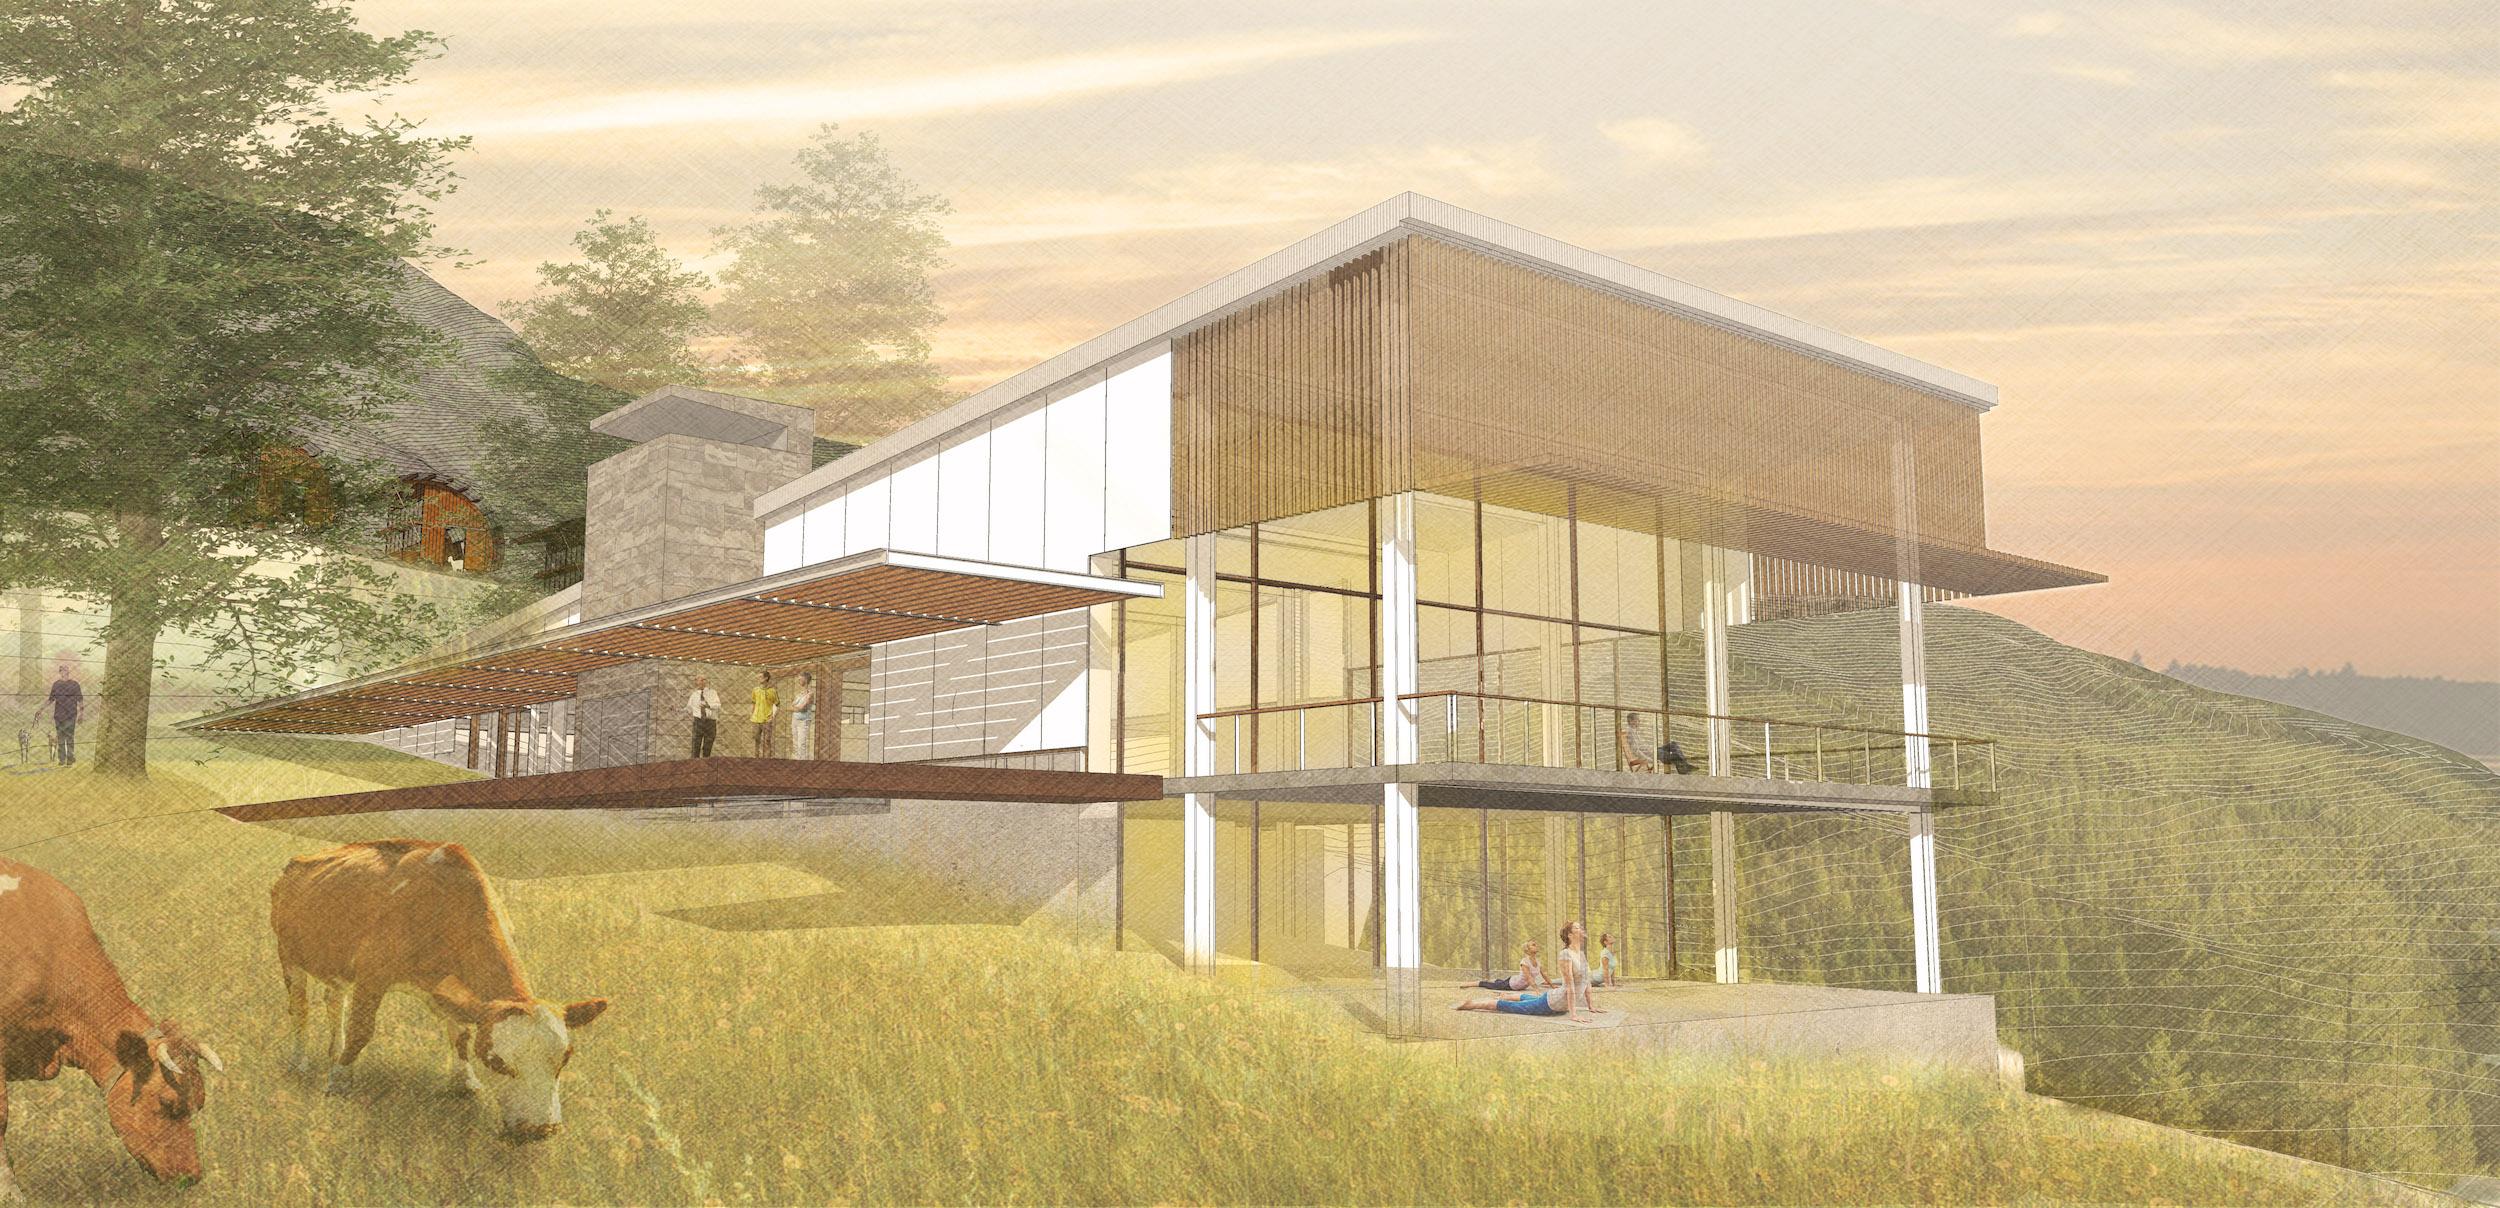 160926 Exterior Learning Center.jpg